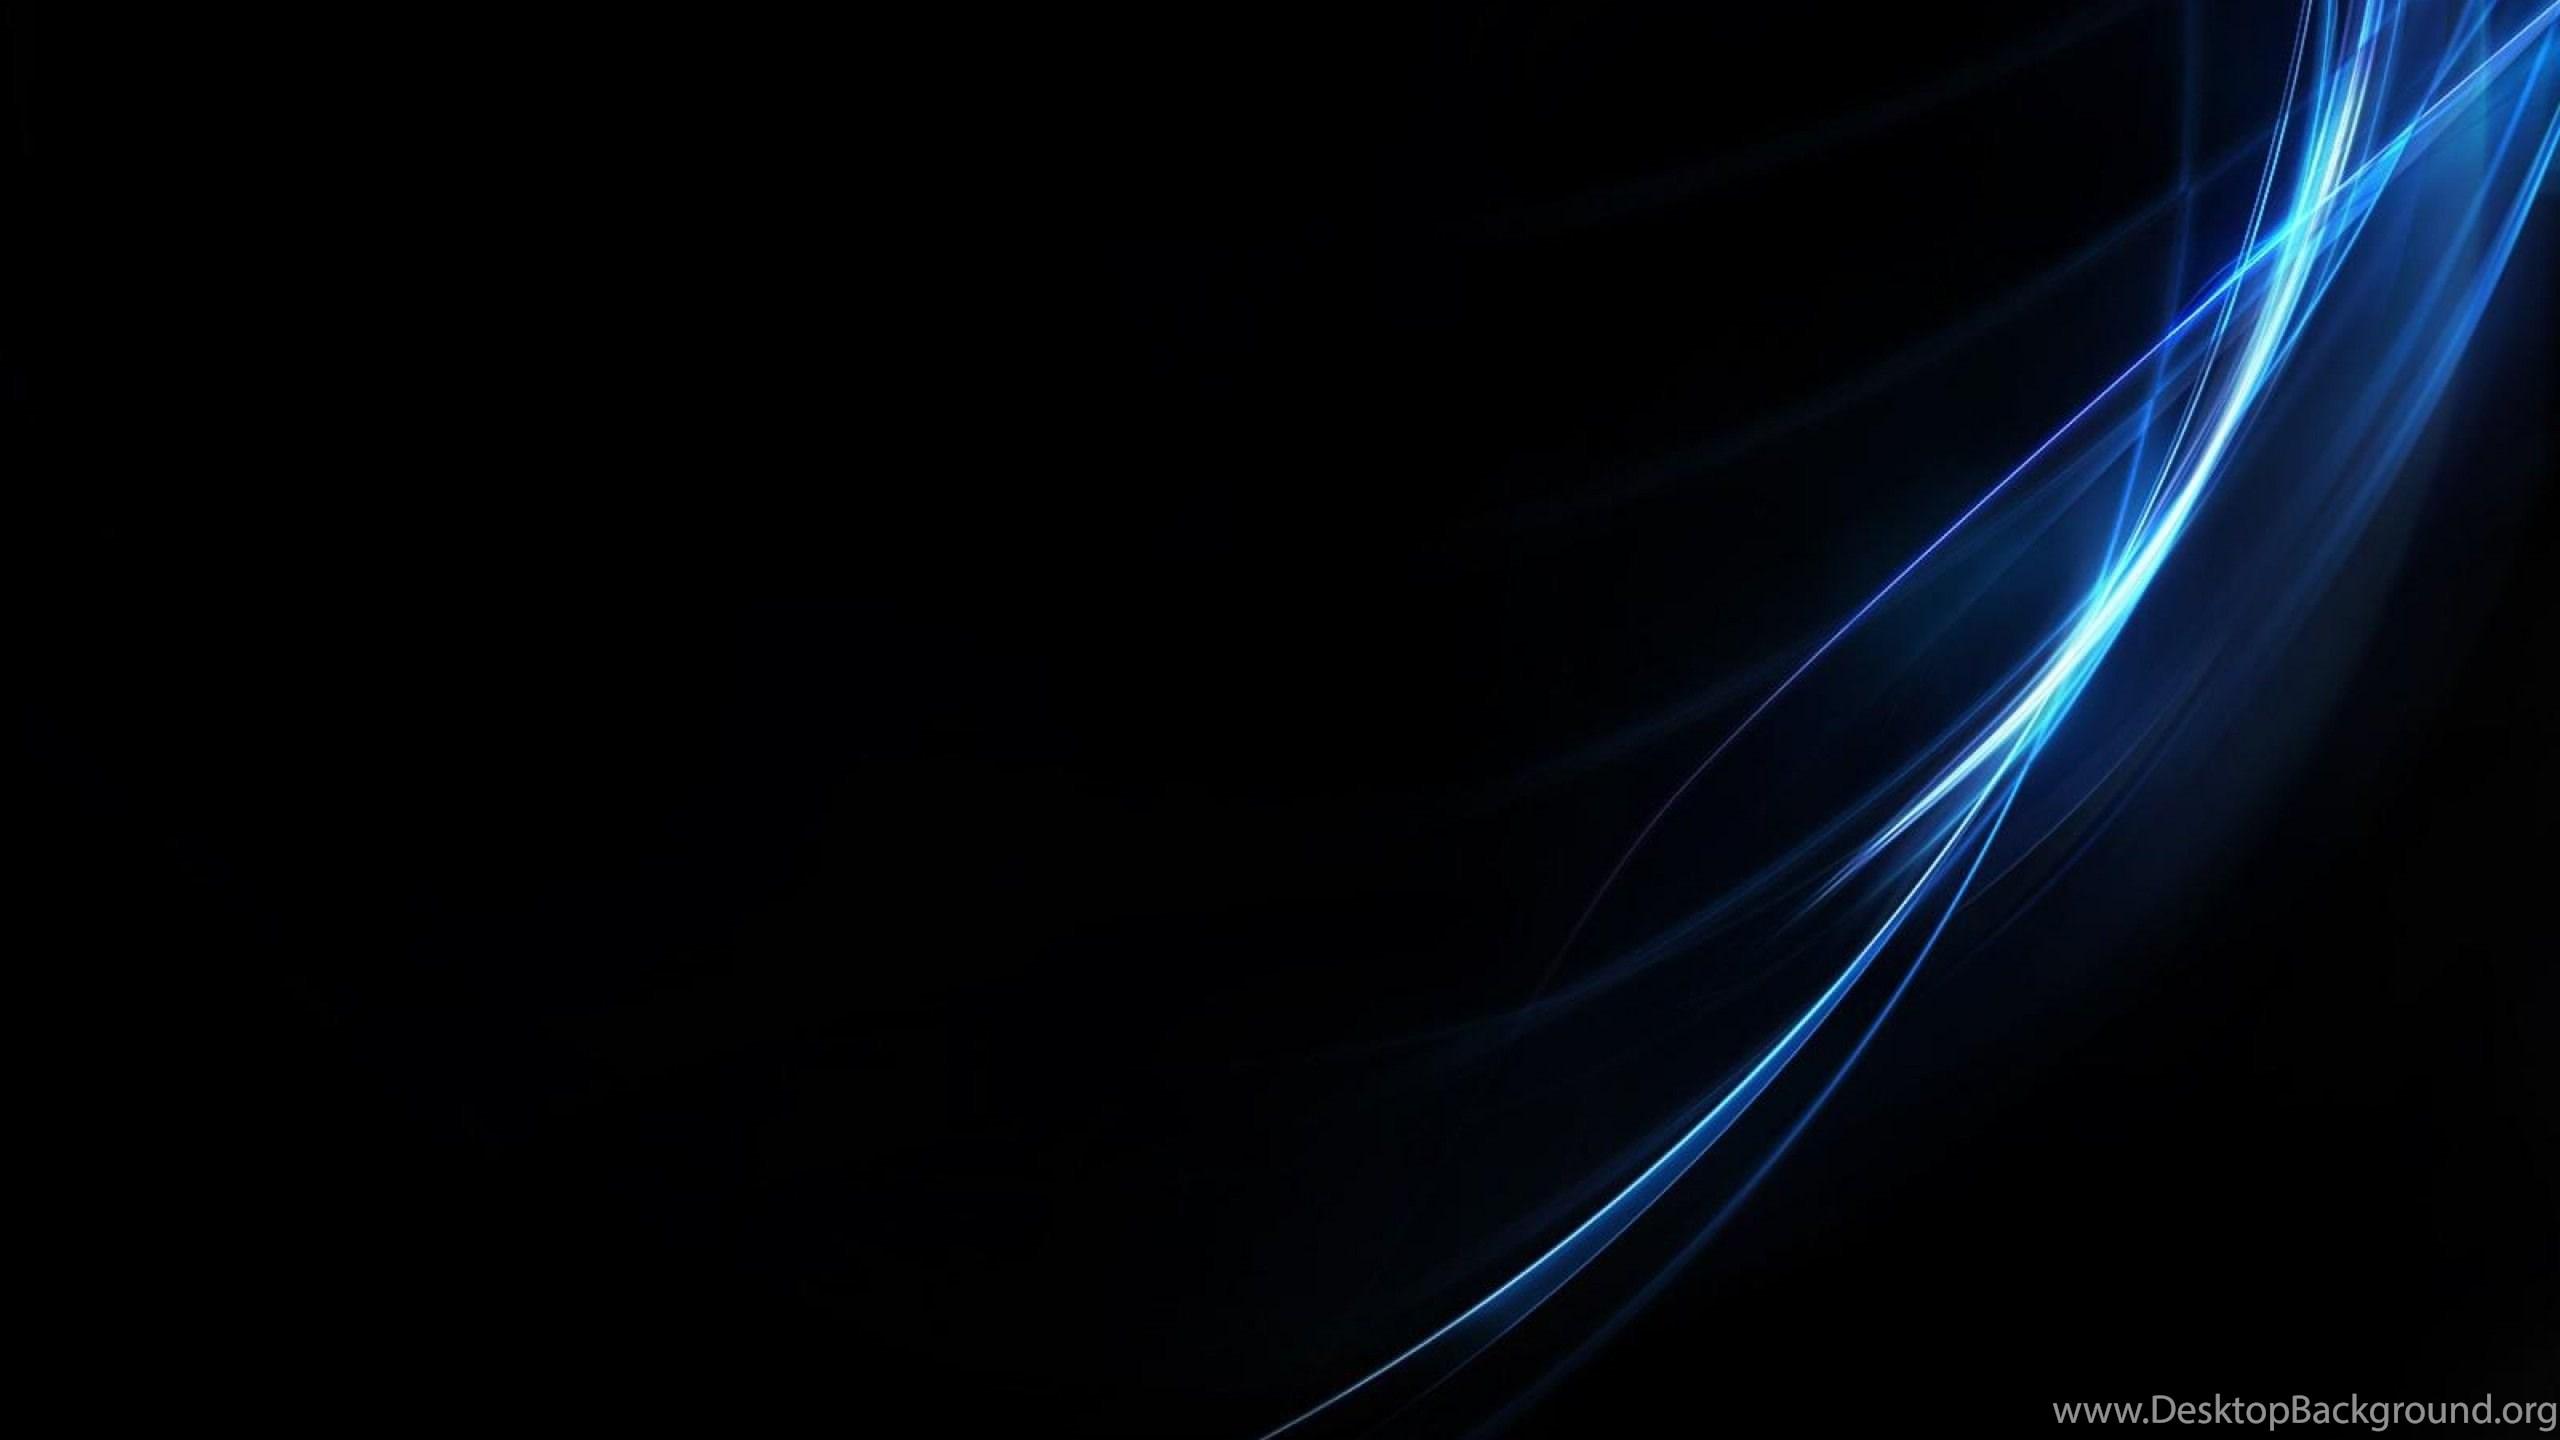 Download Dark Blue Wallpaper Images Desktop Background